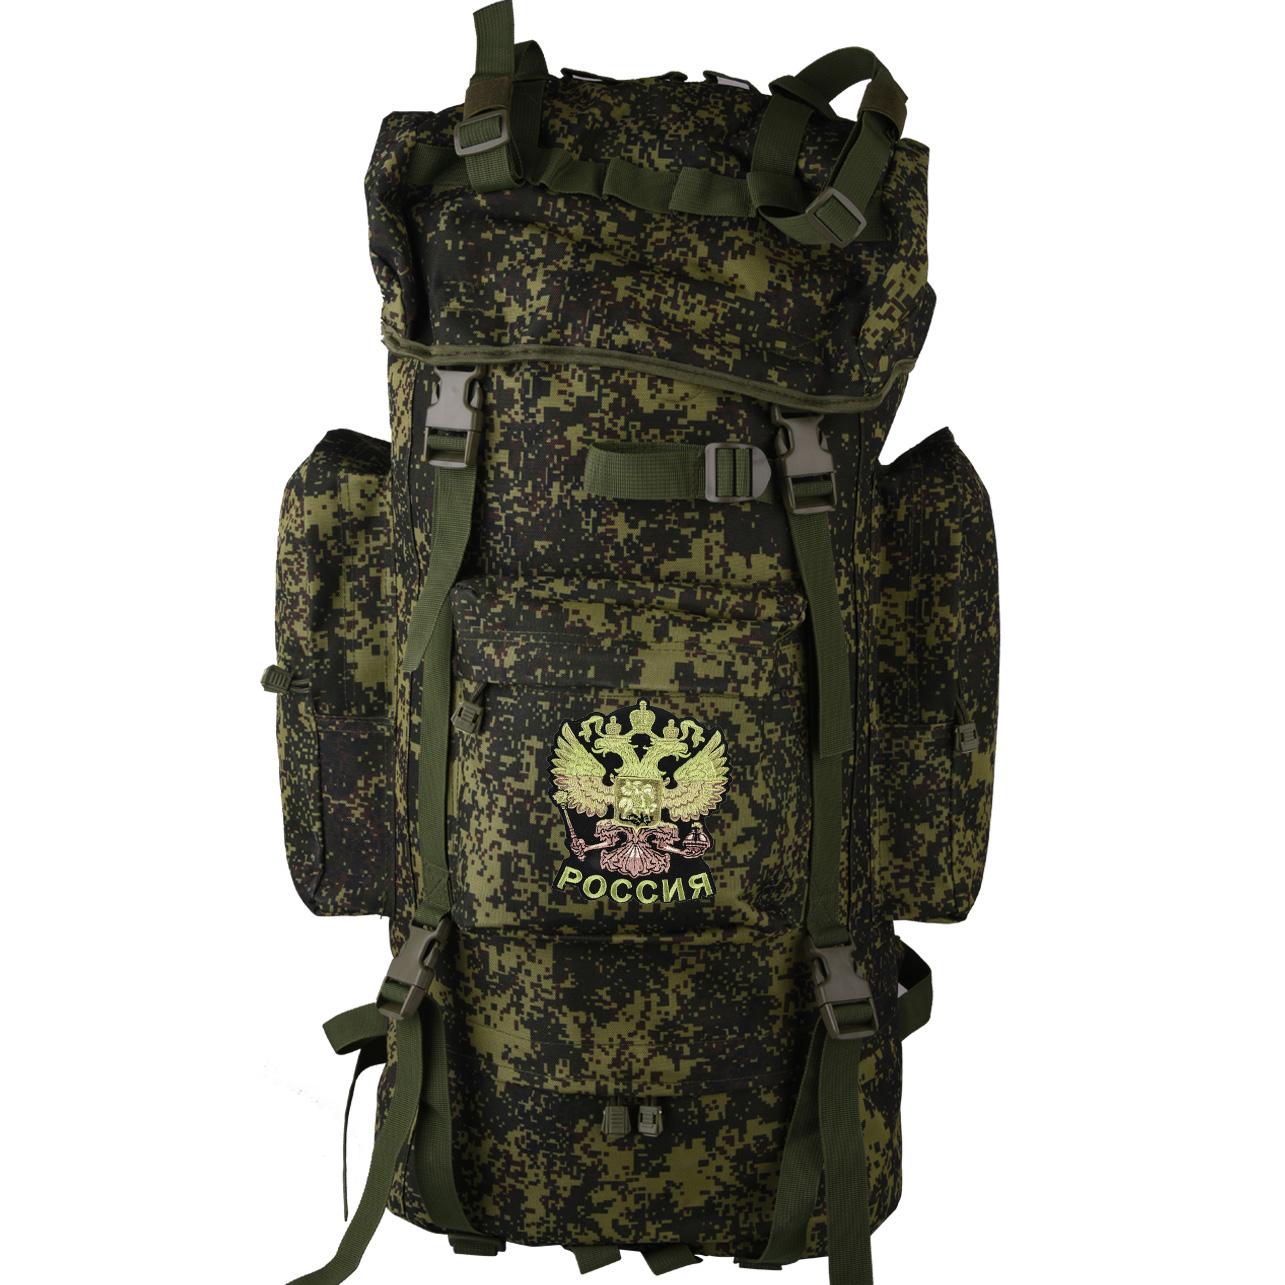 Практичный вместительный рюкзак с нашивкой Герб России - заказать в подарок